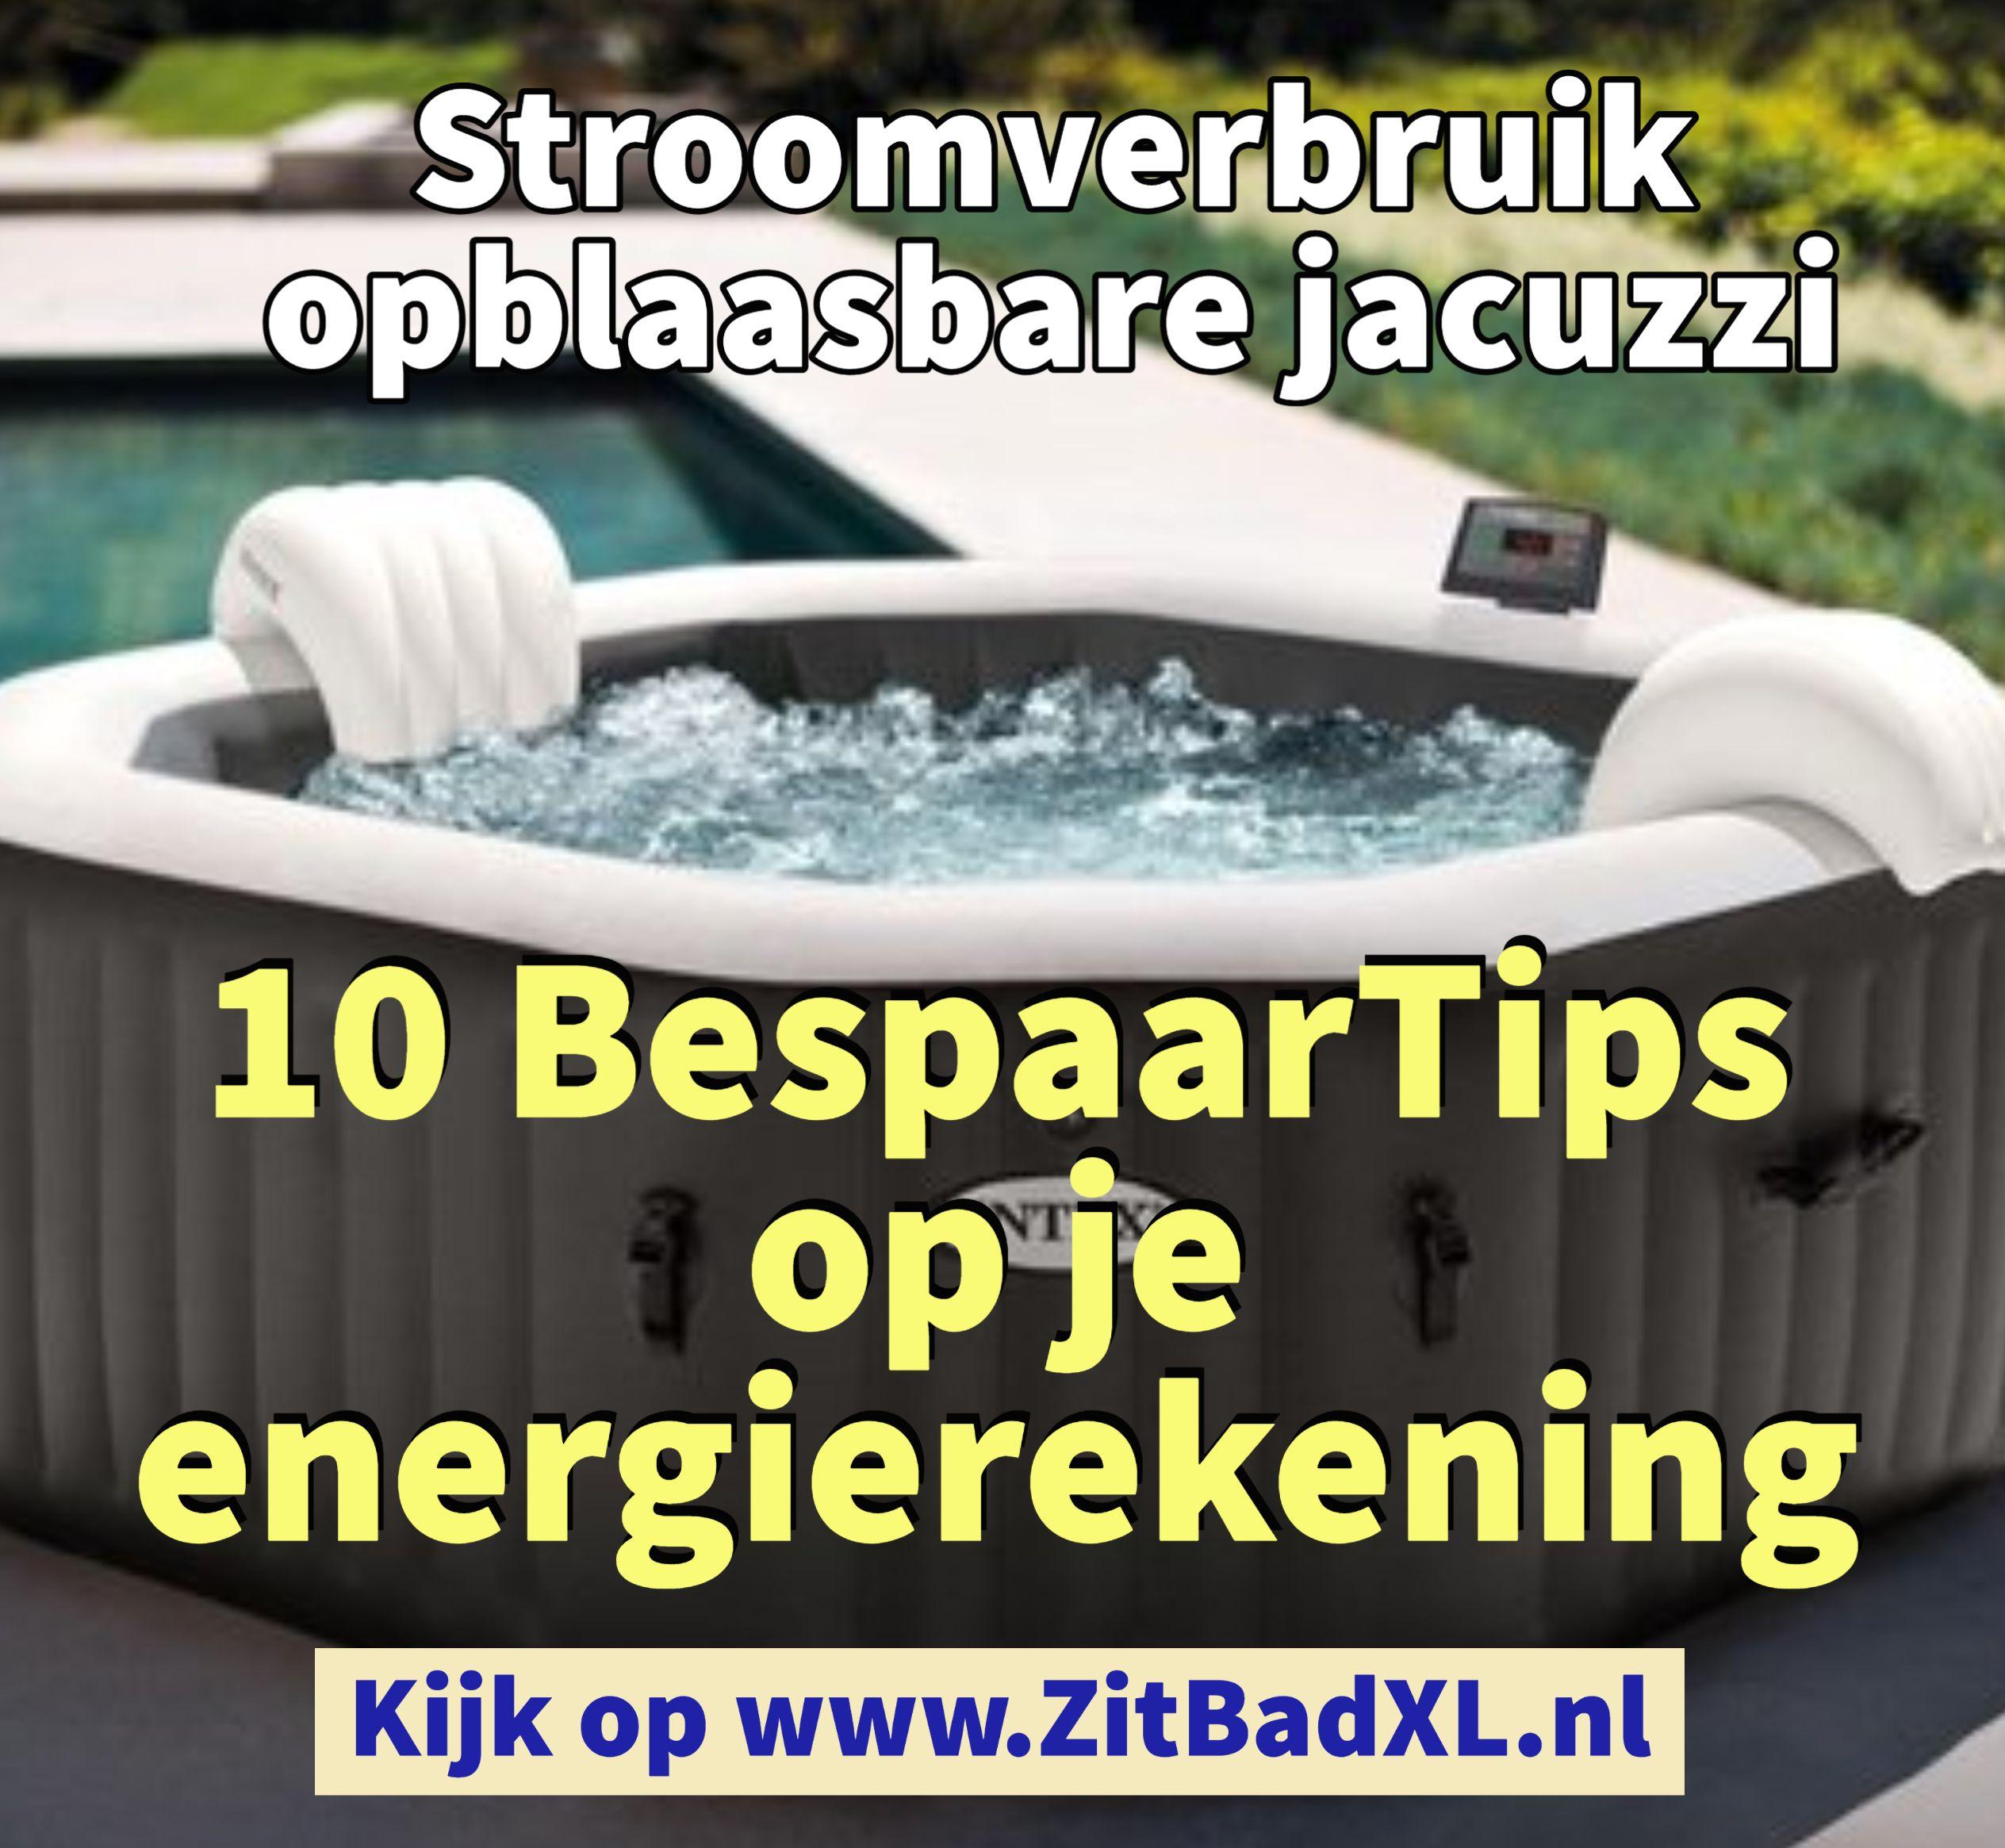 Stroomverbruik opblaasbare jacuzzi - 10 Bespaartip op je energierekening - www.ZitBadXL.nl